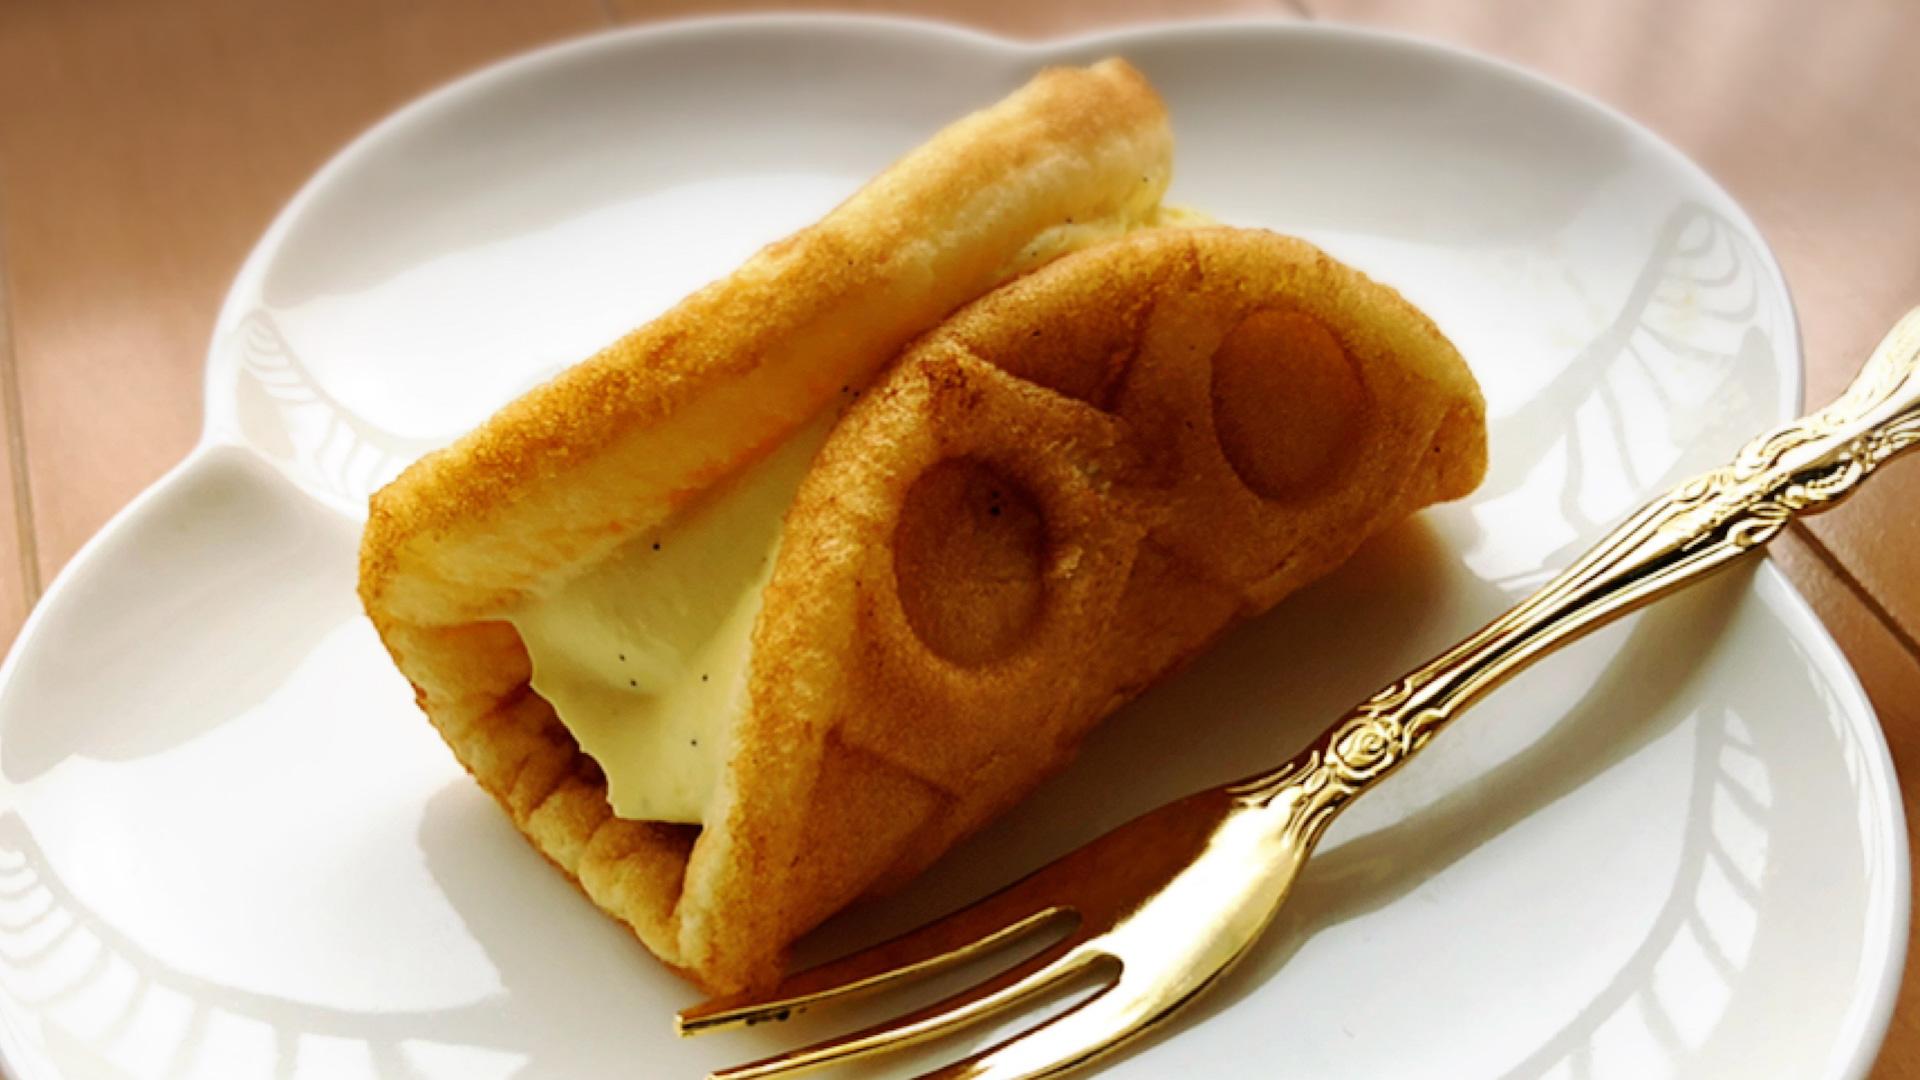 実食レポ【セブン】卵と牛乳の優しい甘さ ワッフルで幸せ気分♡